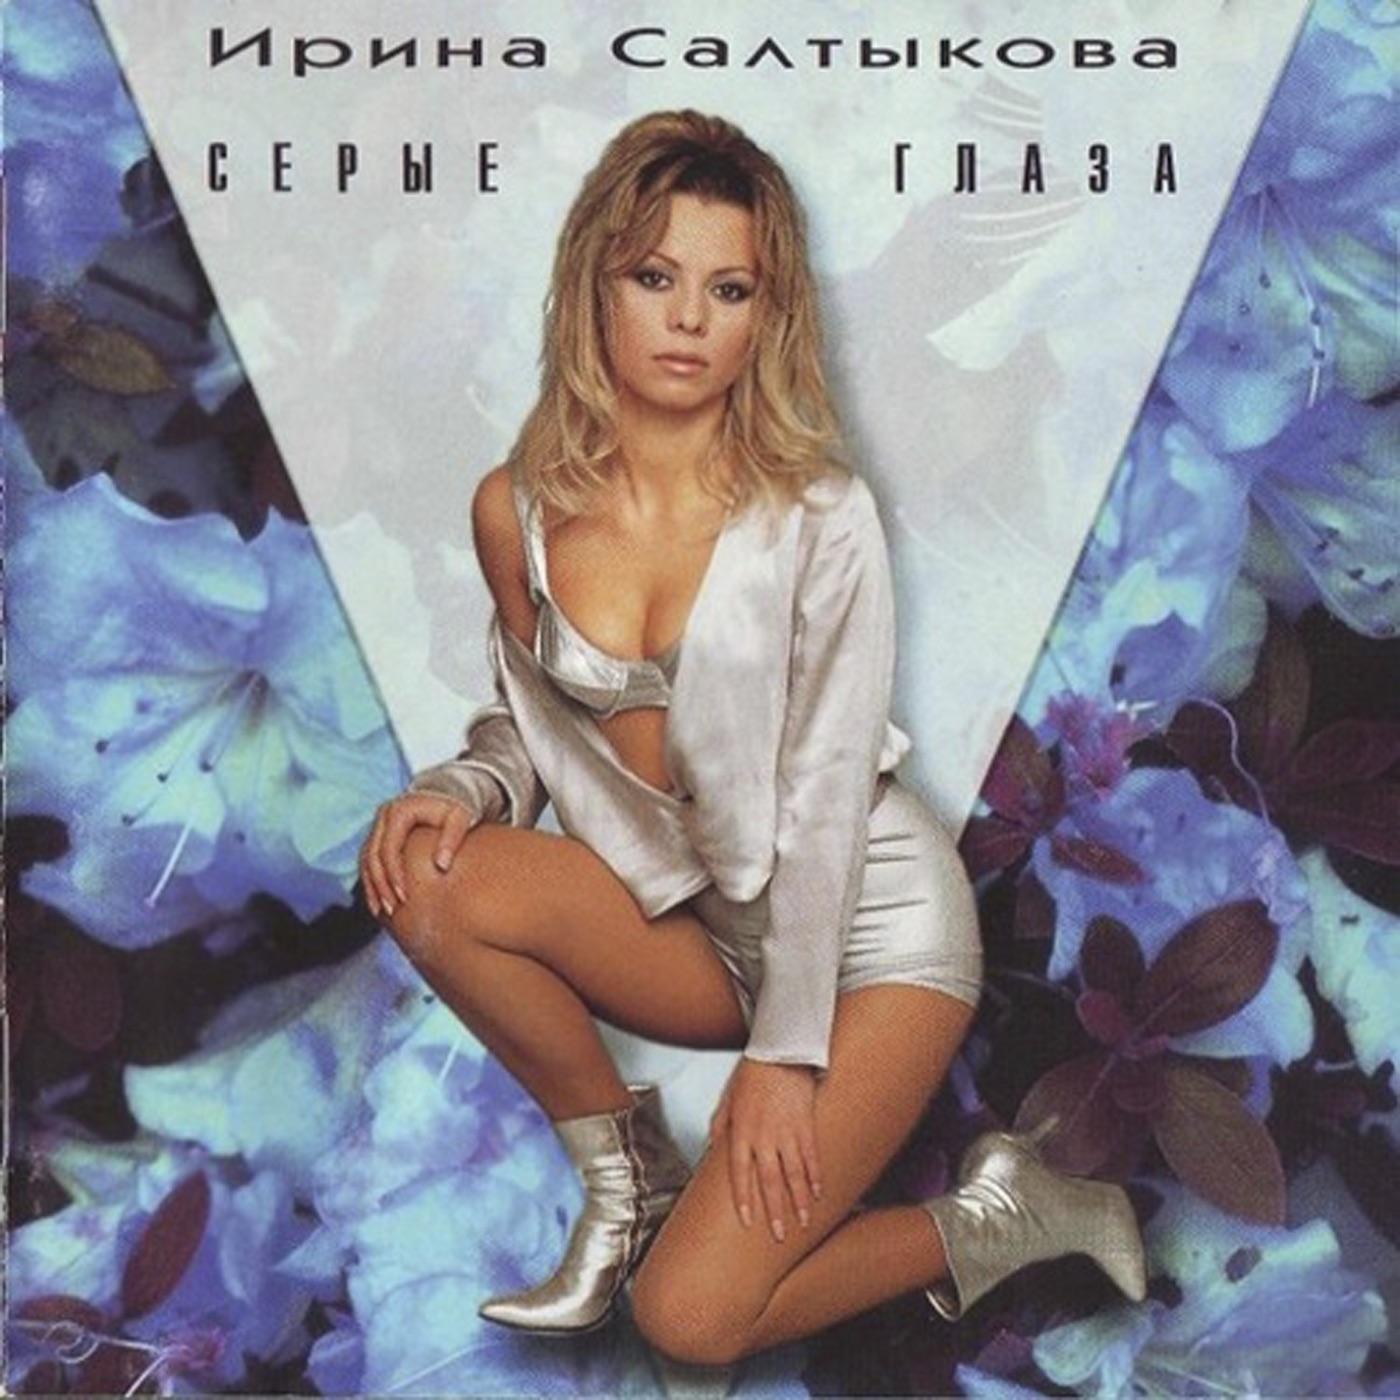 Салтыкова в колготках 6 фотография